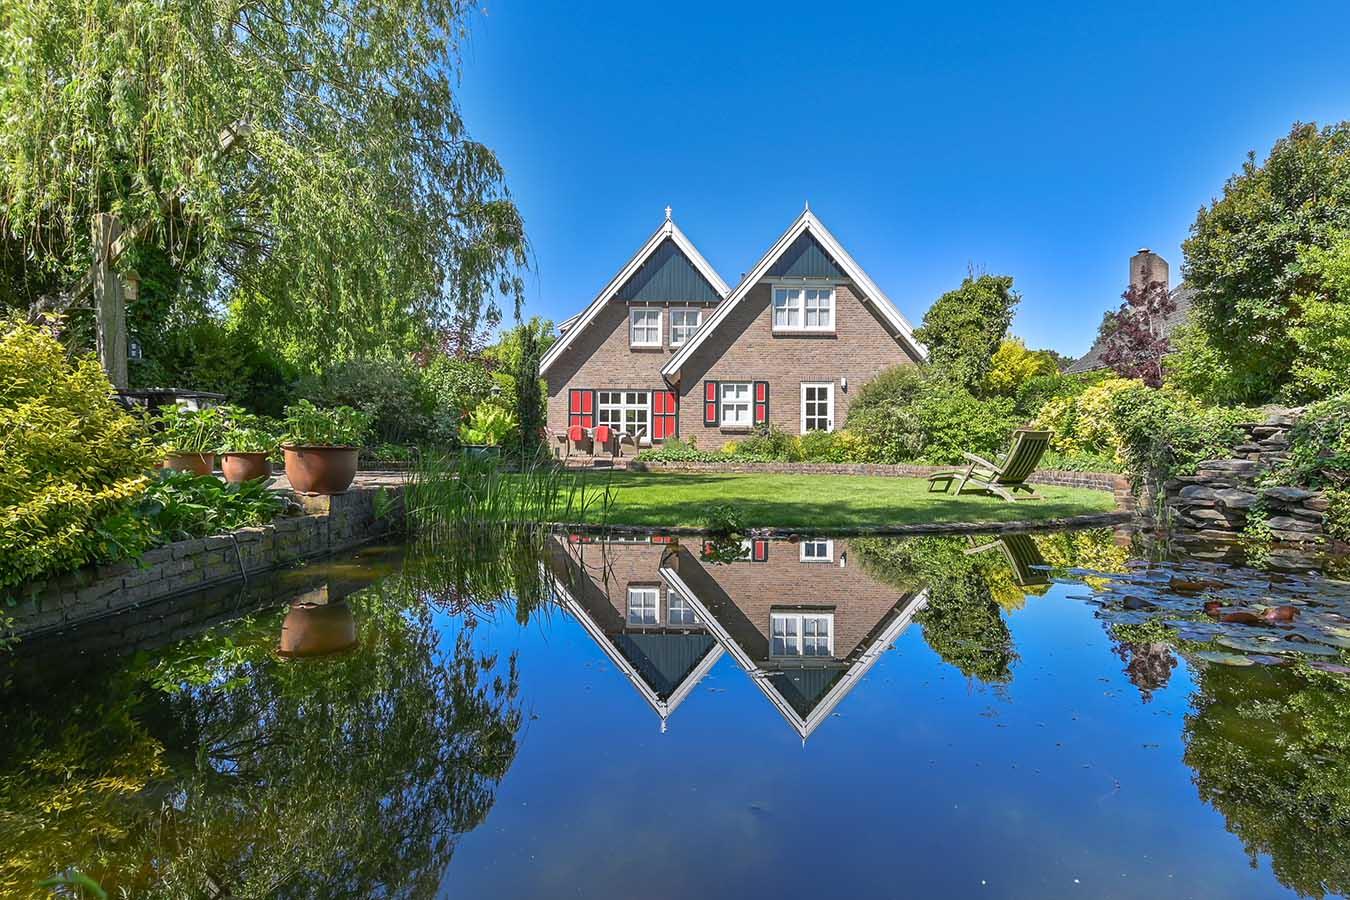 huizen in de weerspiegeling van het water